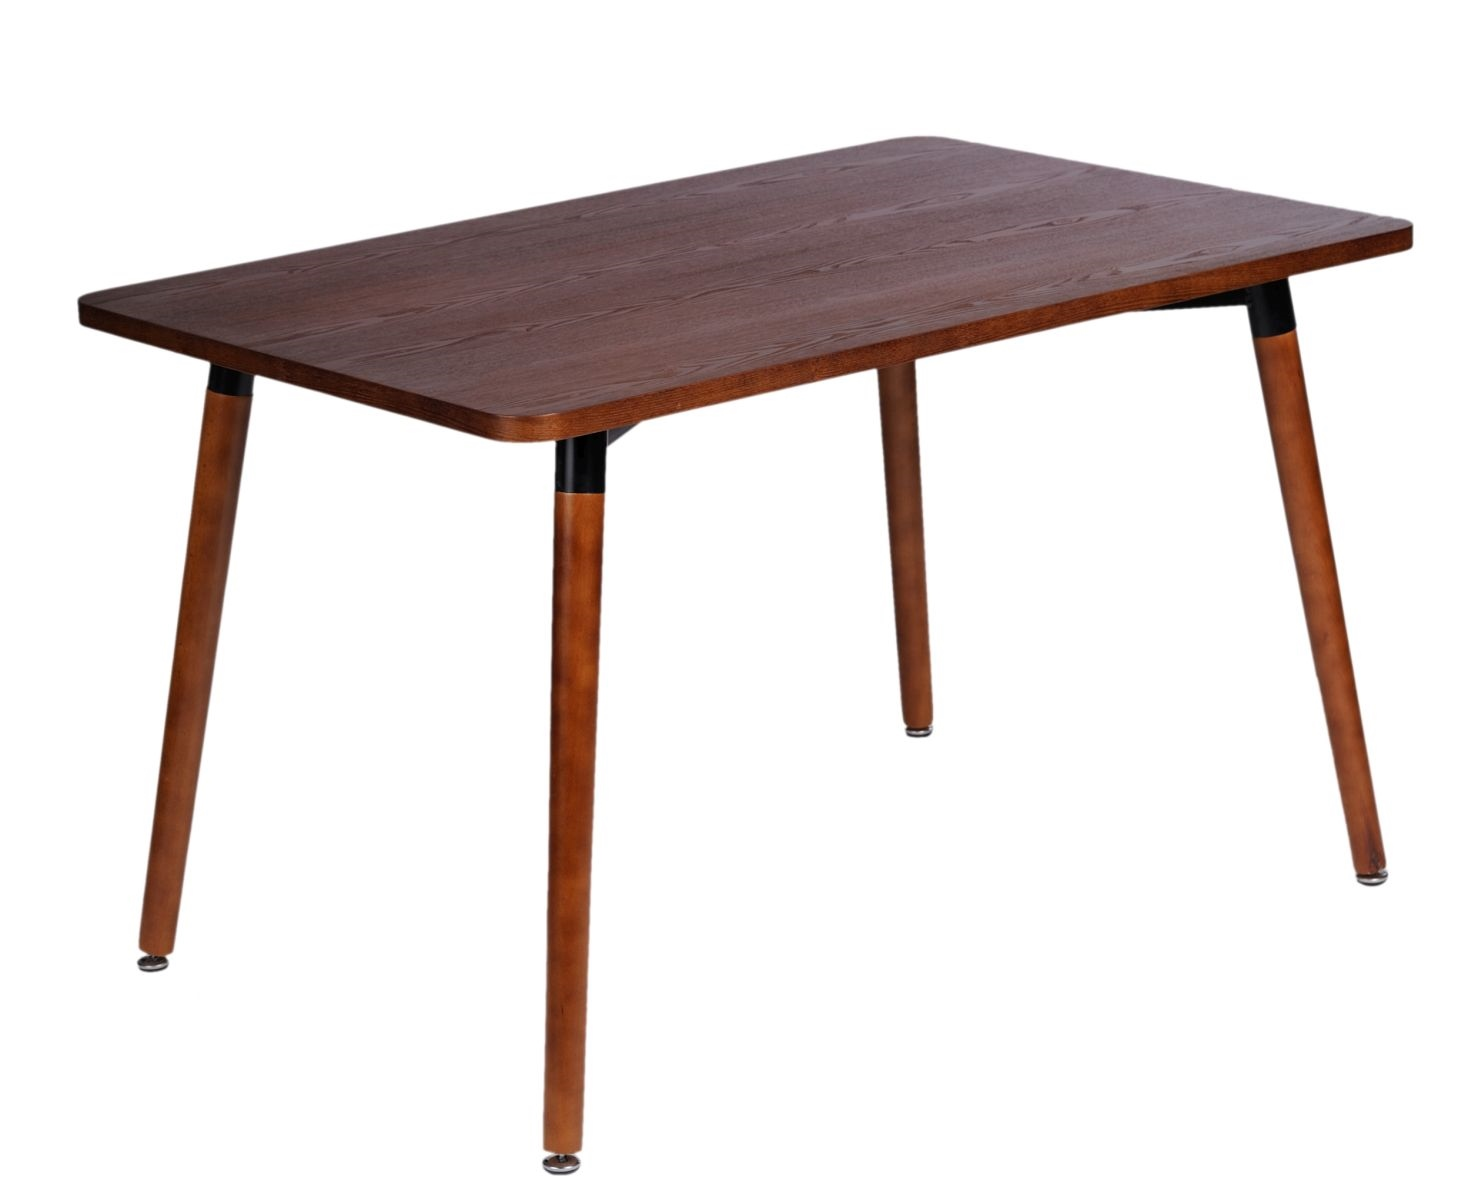 Jídelní stůl Clara, 160 cm, ořech